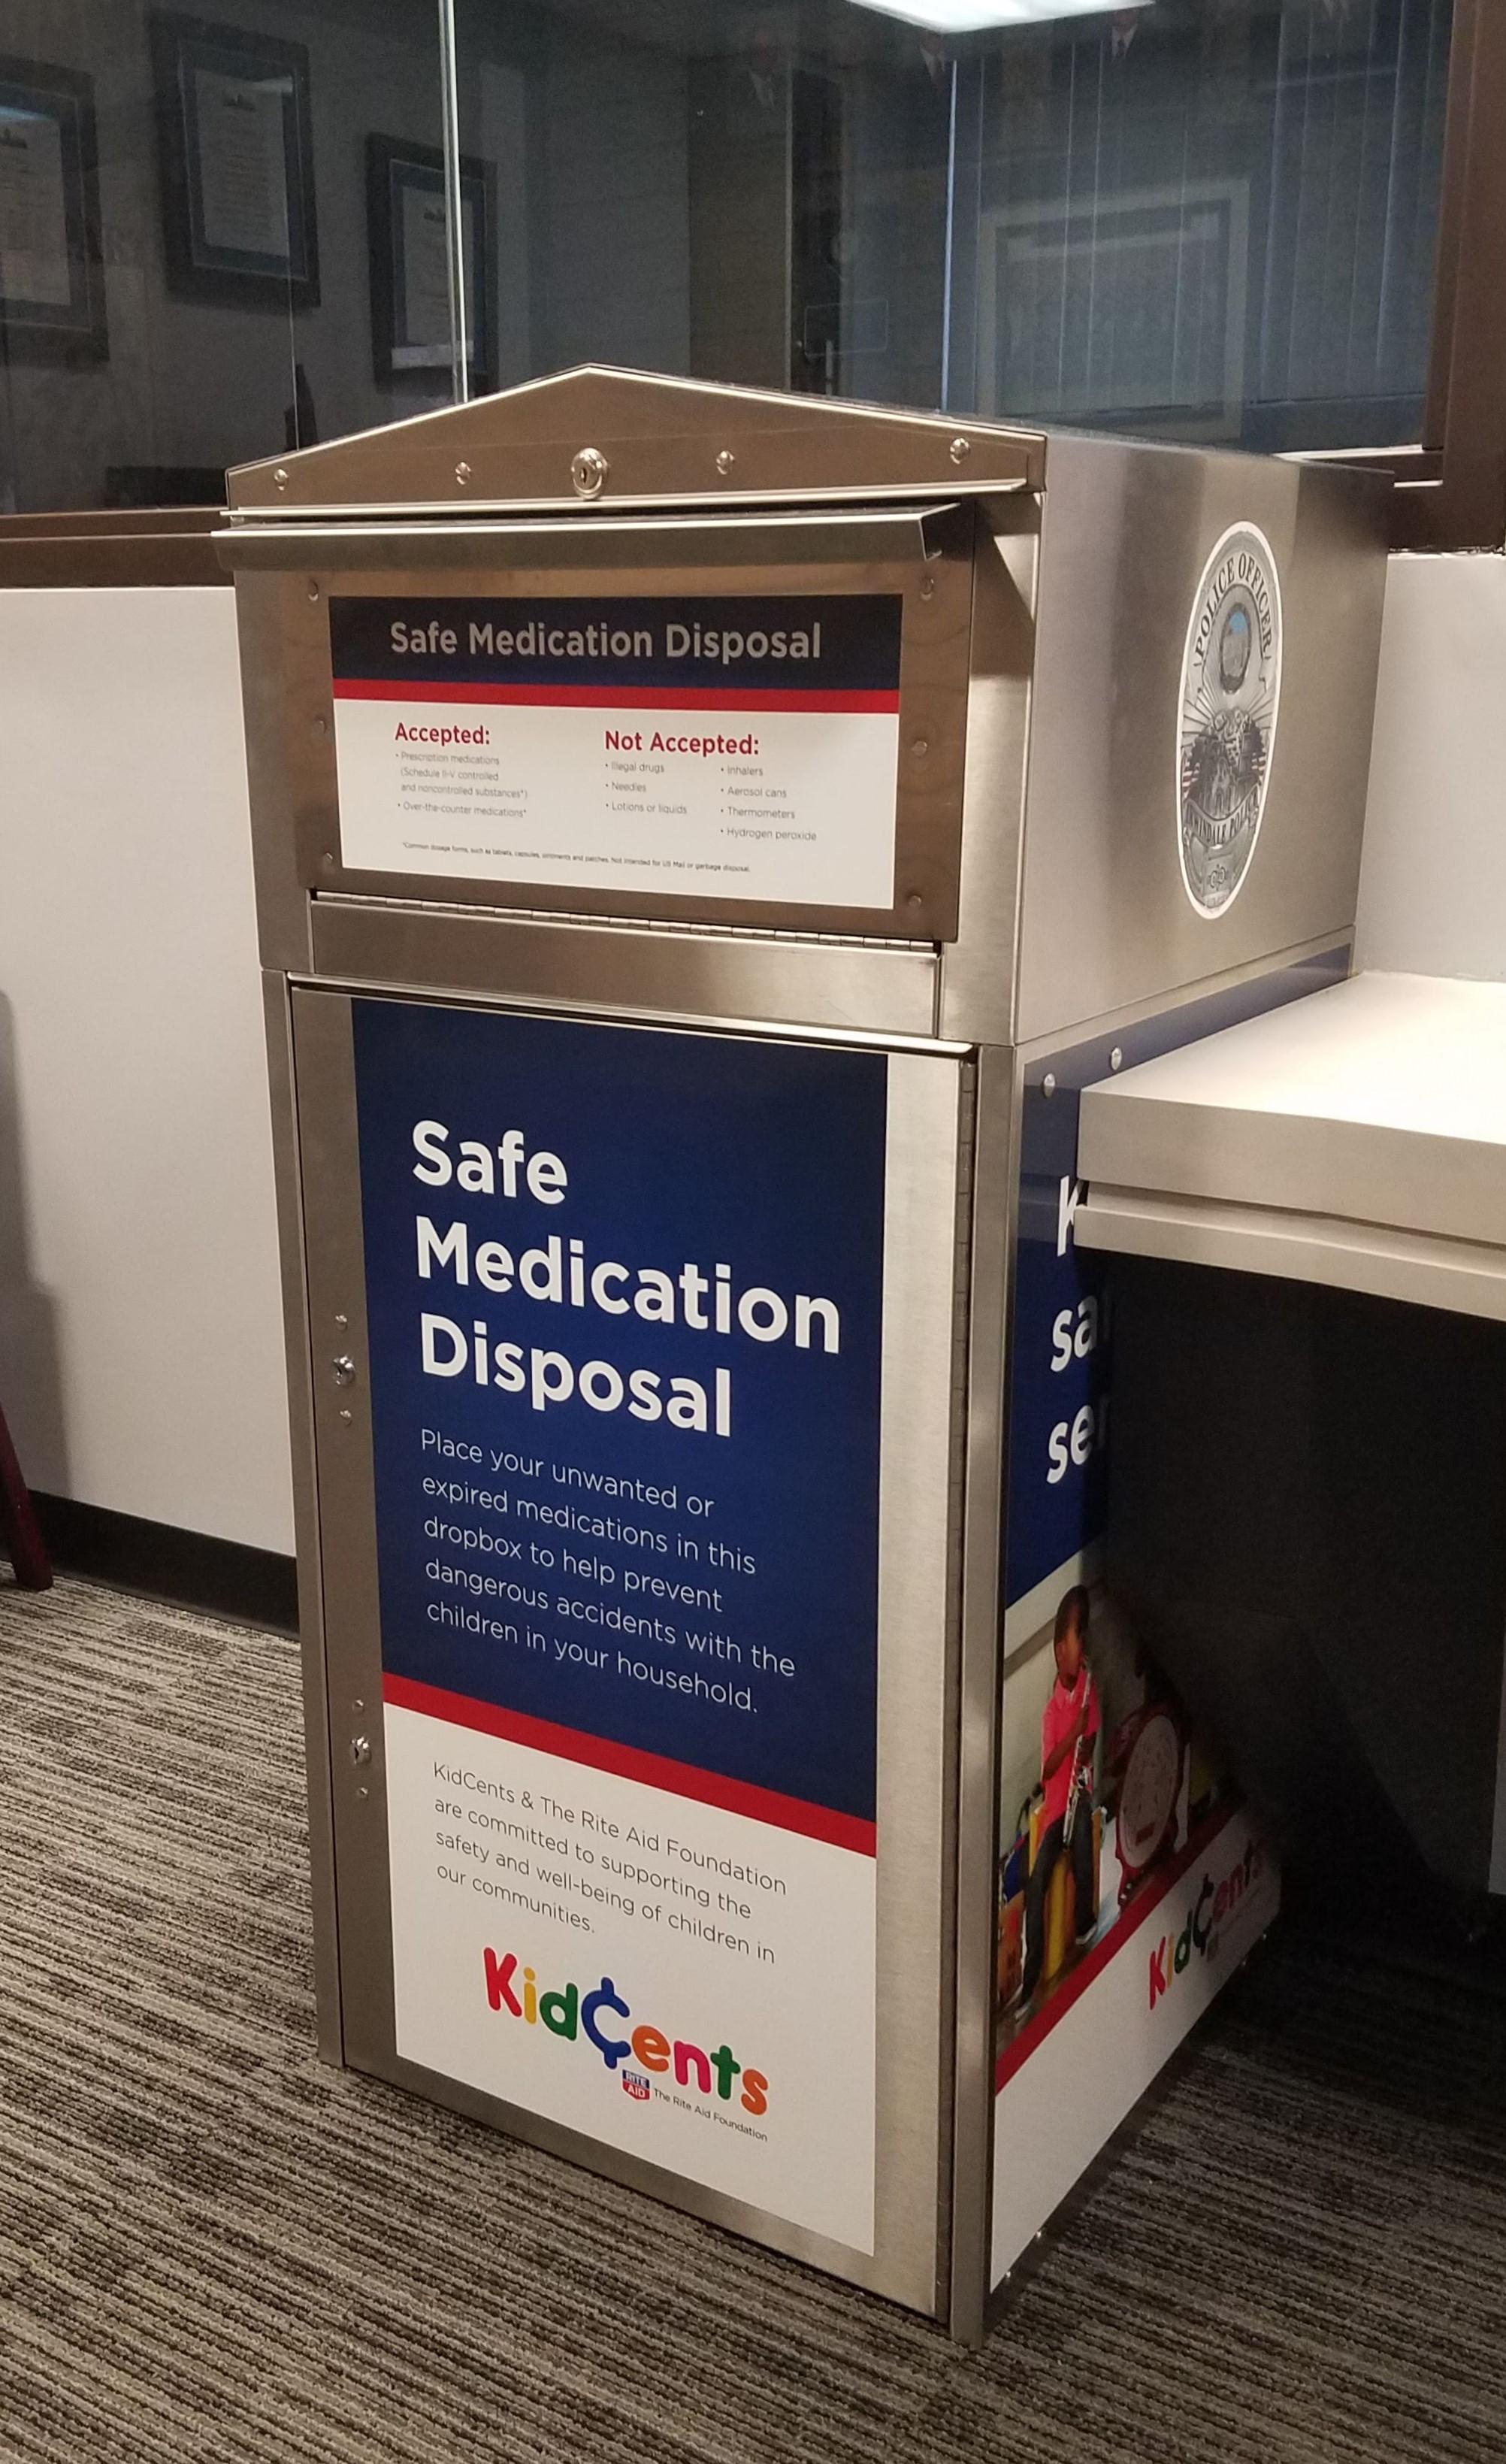 Irwindale Ca Official Website Safe Medication Disposal Program